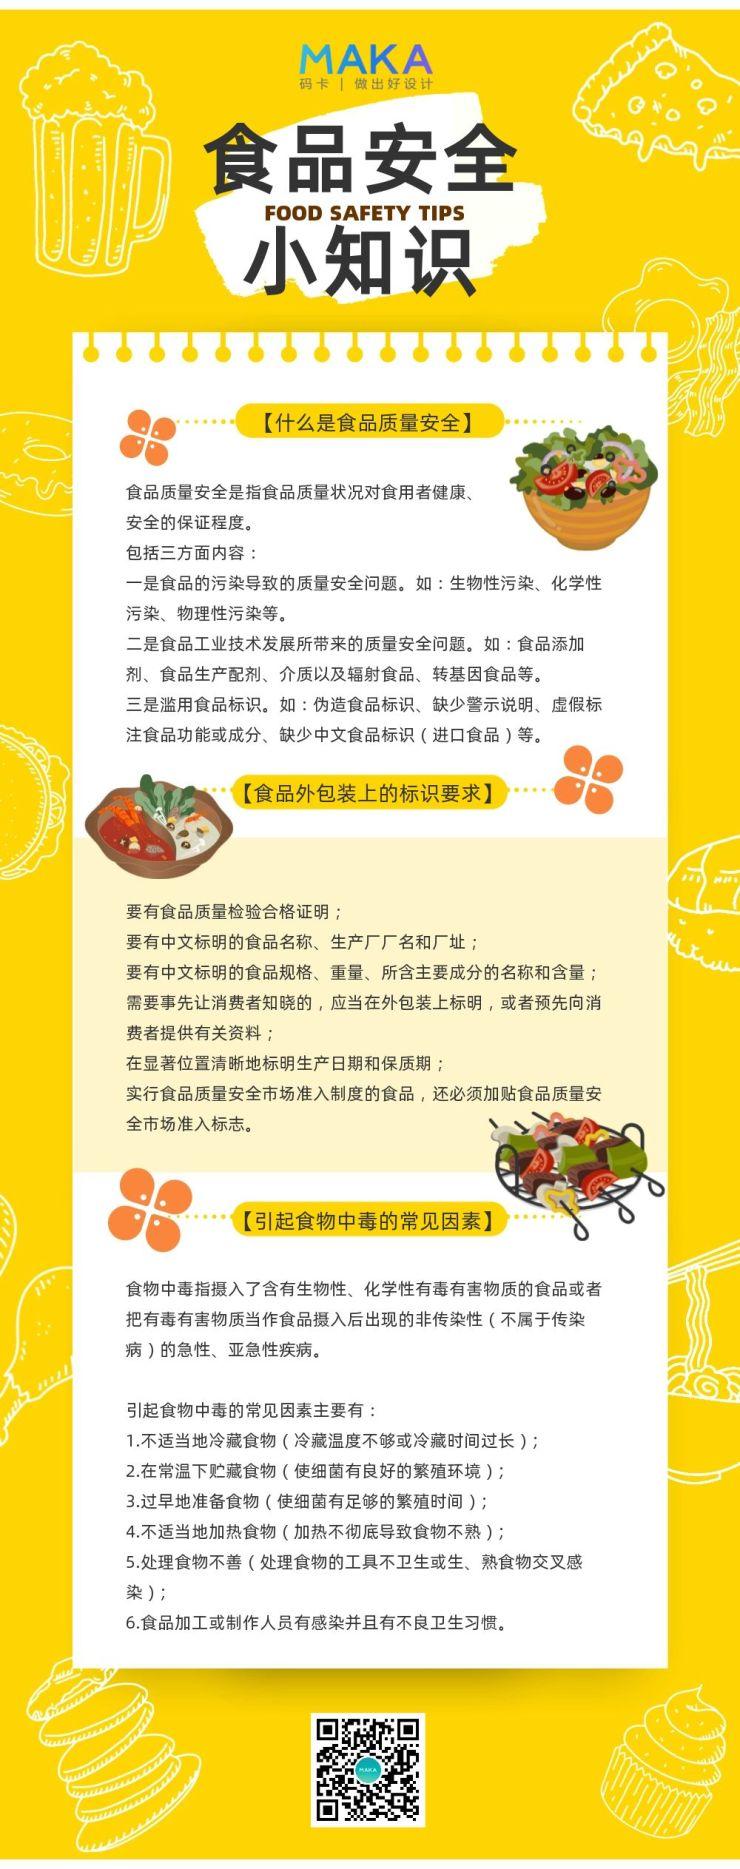 食品安全教育宣传长图模板